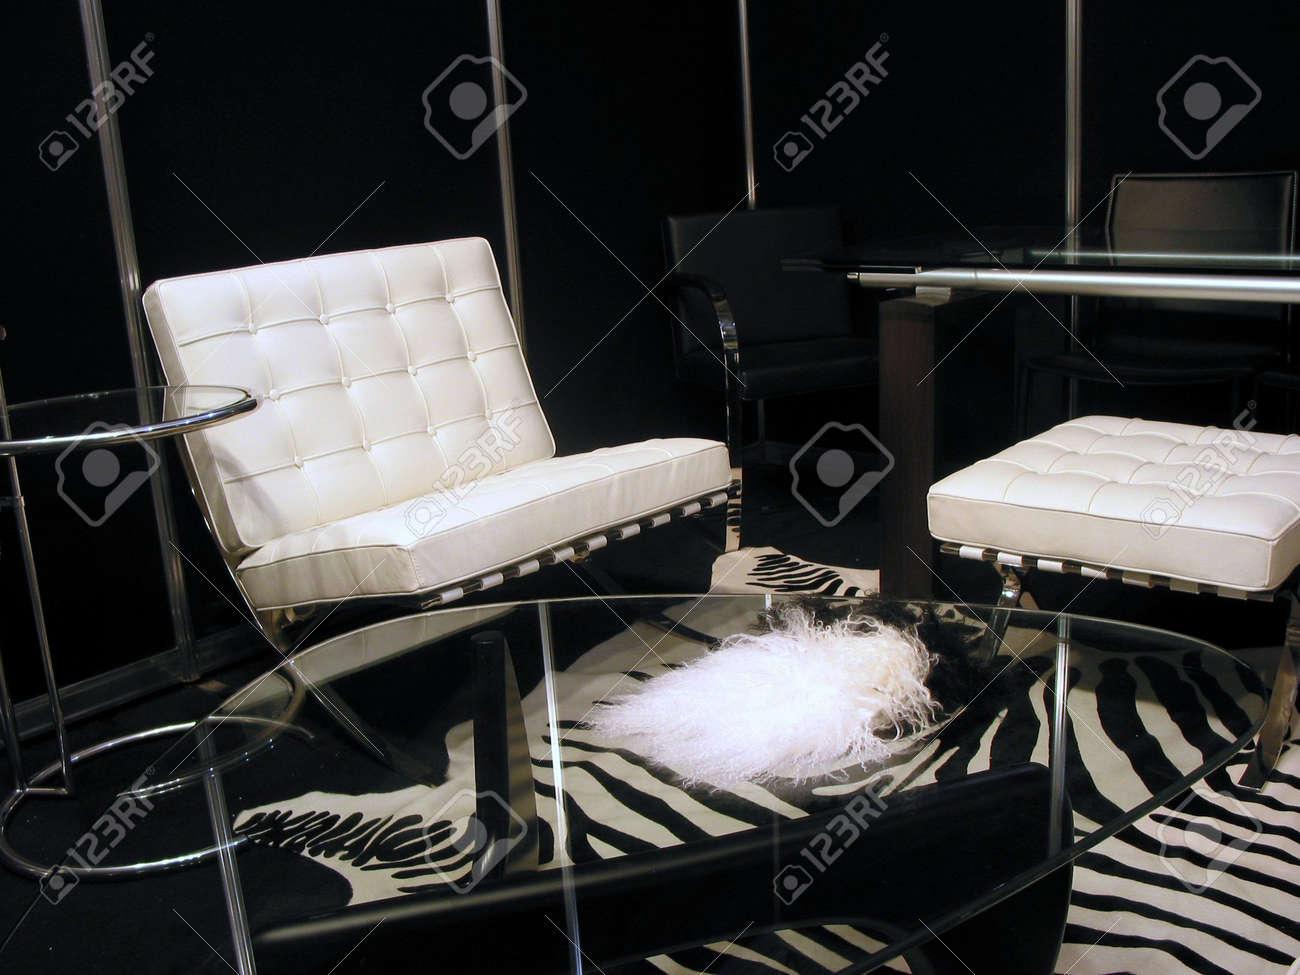 Salotto Moderno Bianco E Nero : Salotto moderno in bianco e nero foto royalty free immagini